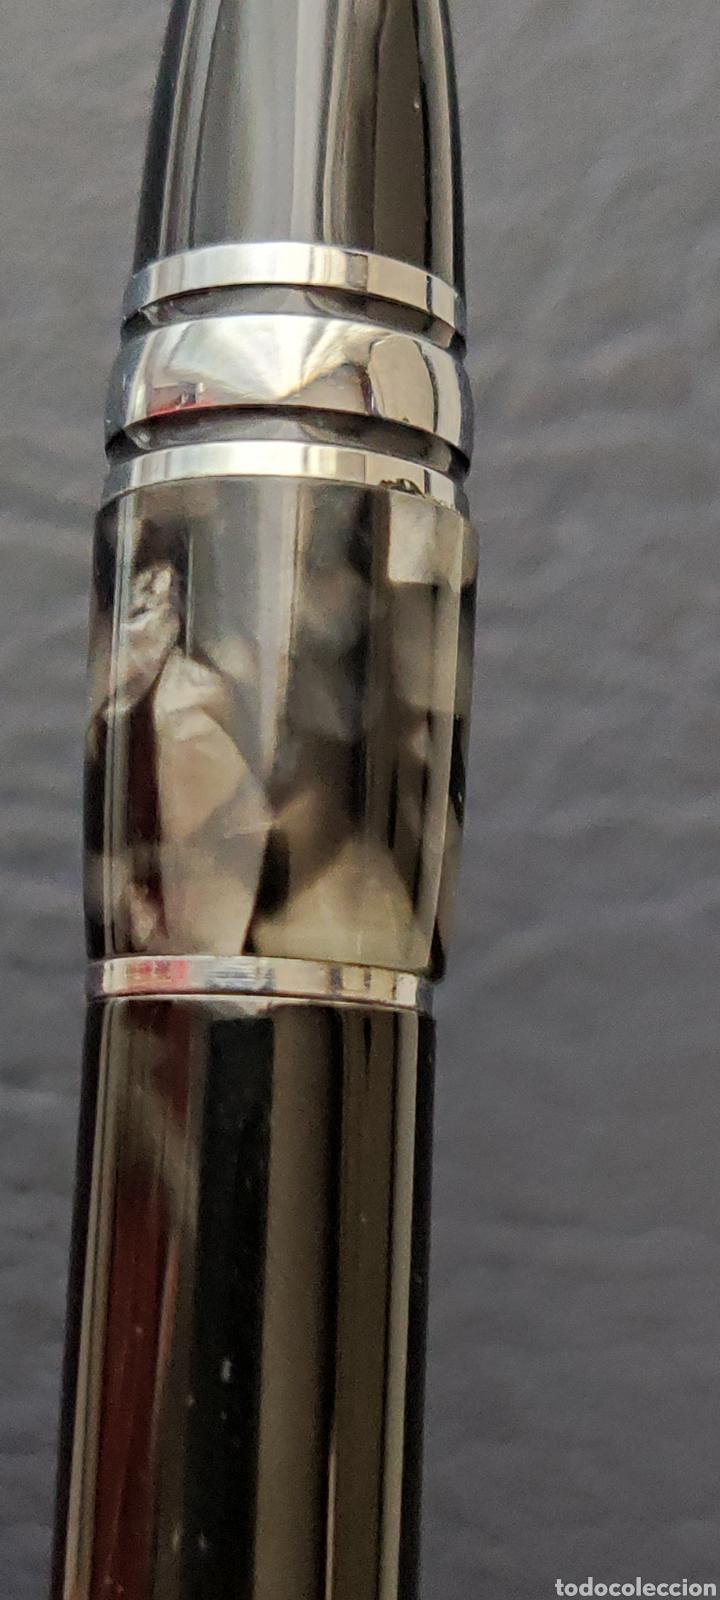 Plumas estilográficas antiguas: Bolígrafo montblanc starwalker resina con número serie escribe - Foto 17 - 253533855